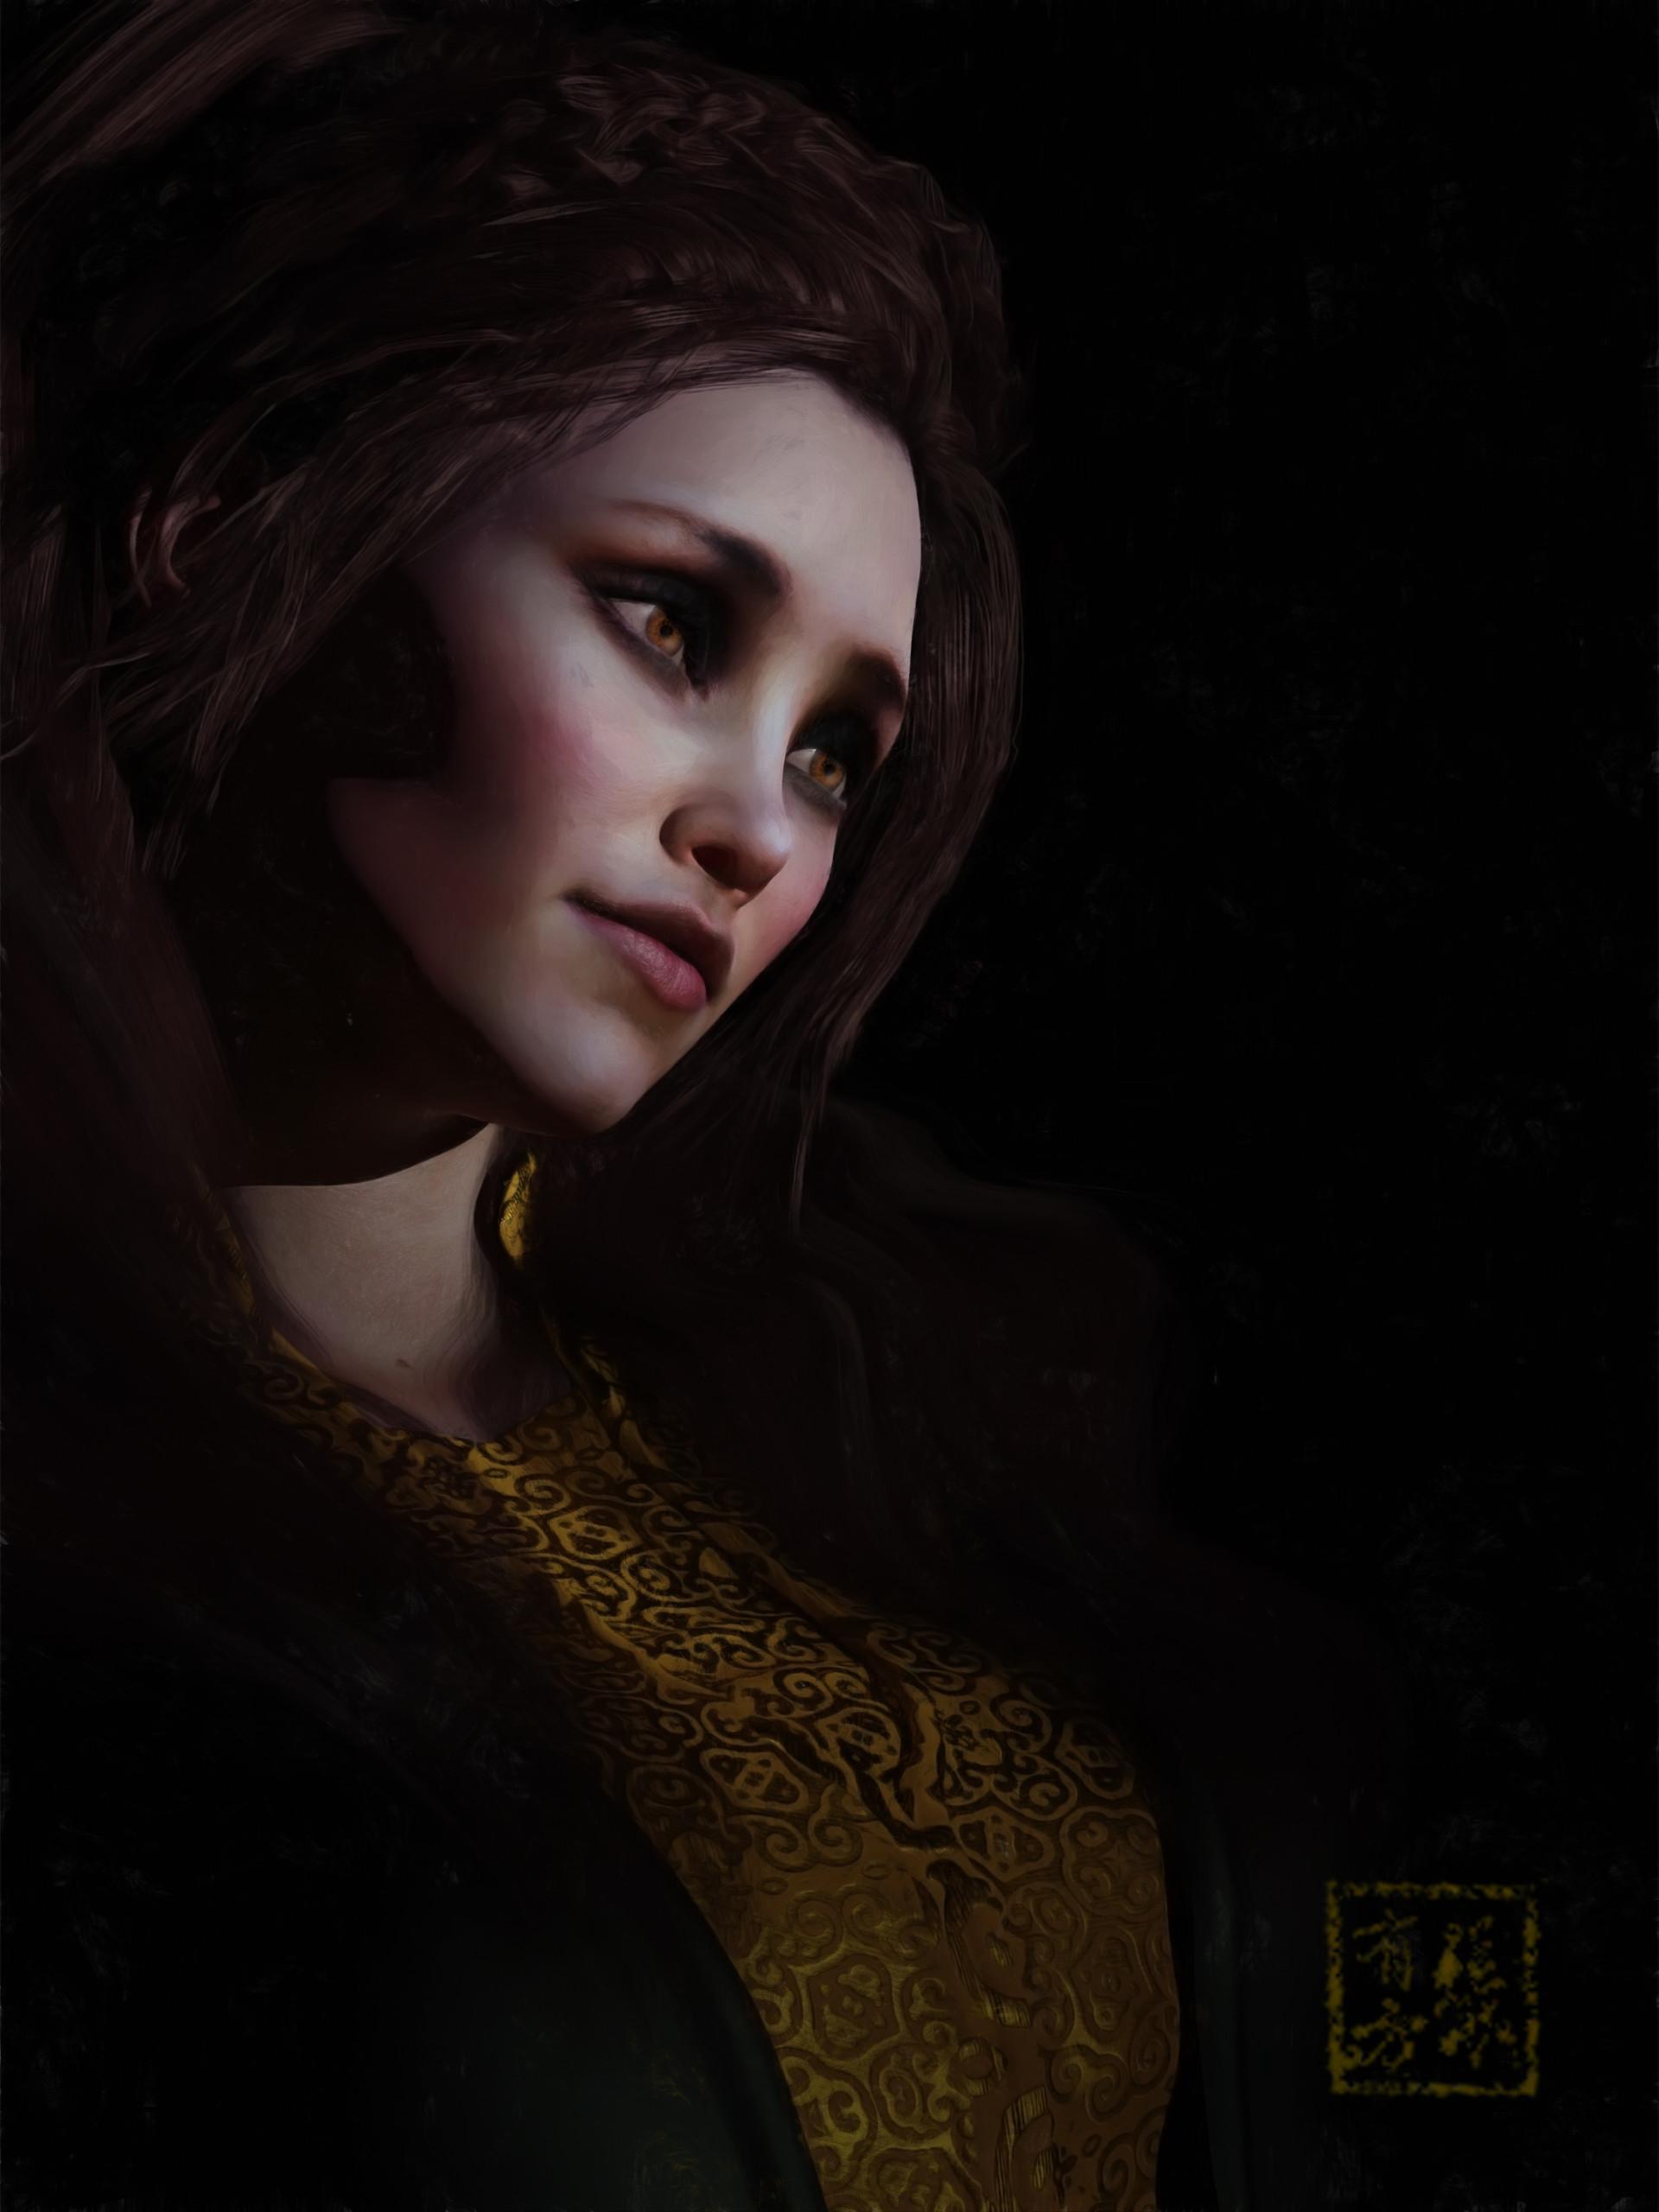 Benni a margaerytyrell